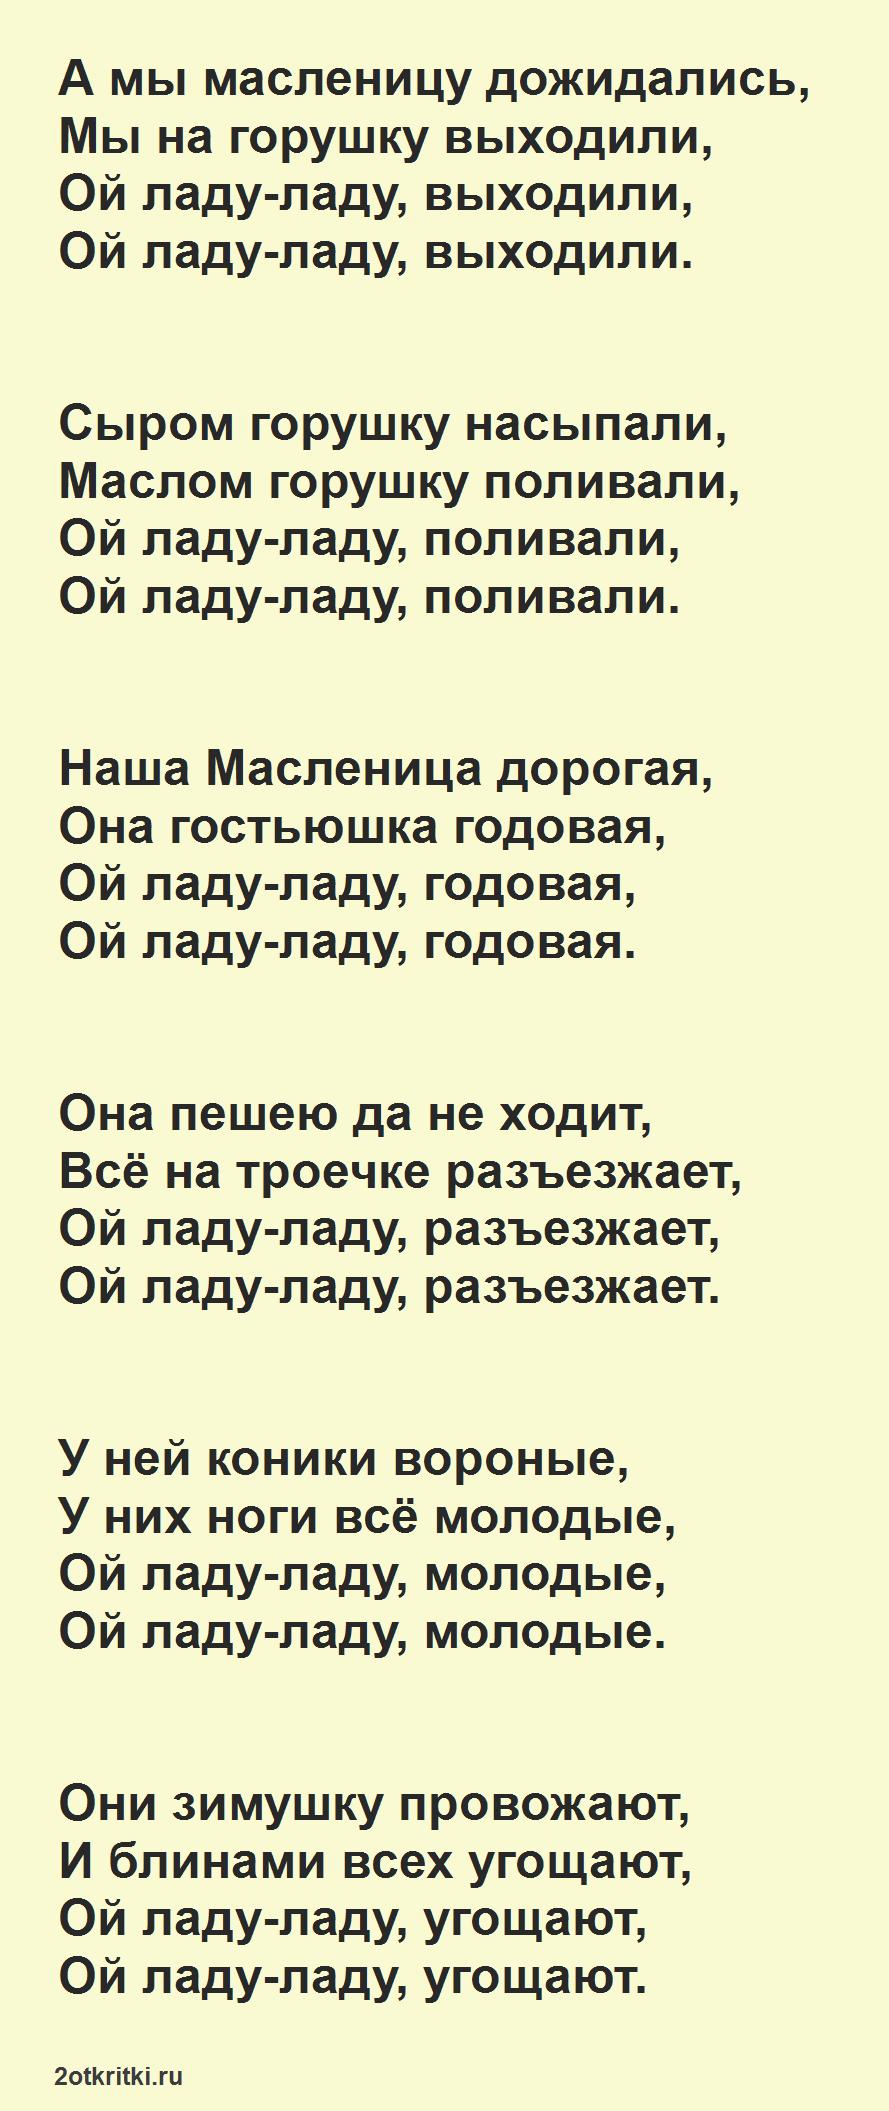 Песни на масленицу - А мы масленицу дожидались